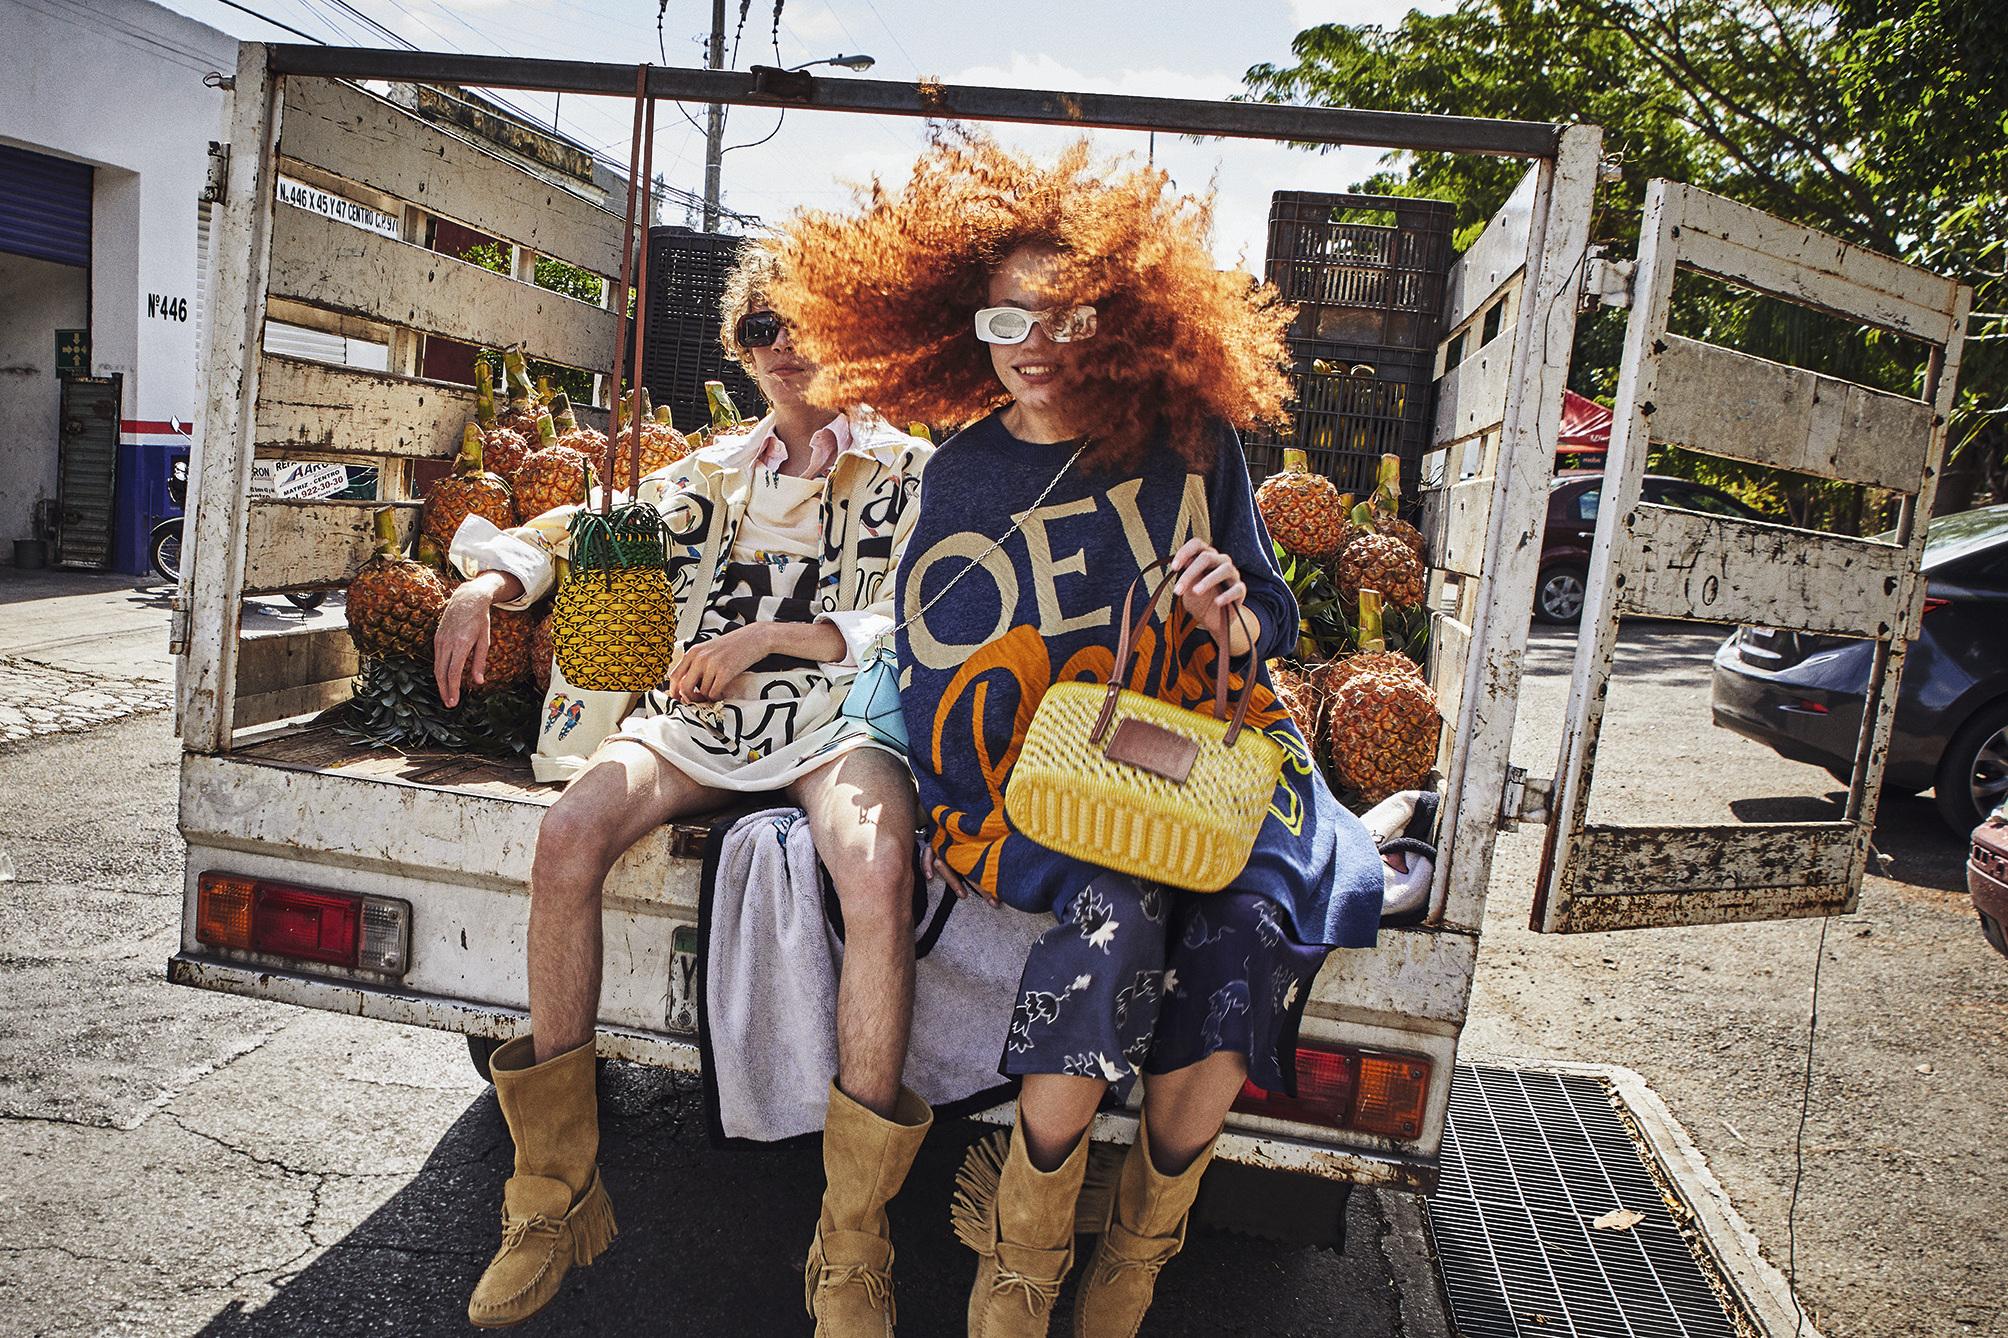 Loewe Paula's Ibiza 2021 Collection Energises Casa Loewe With Summer Vibes